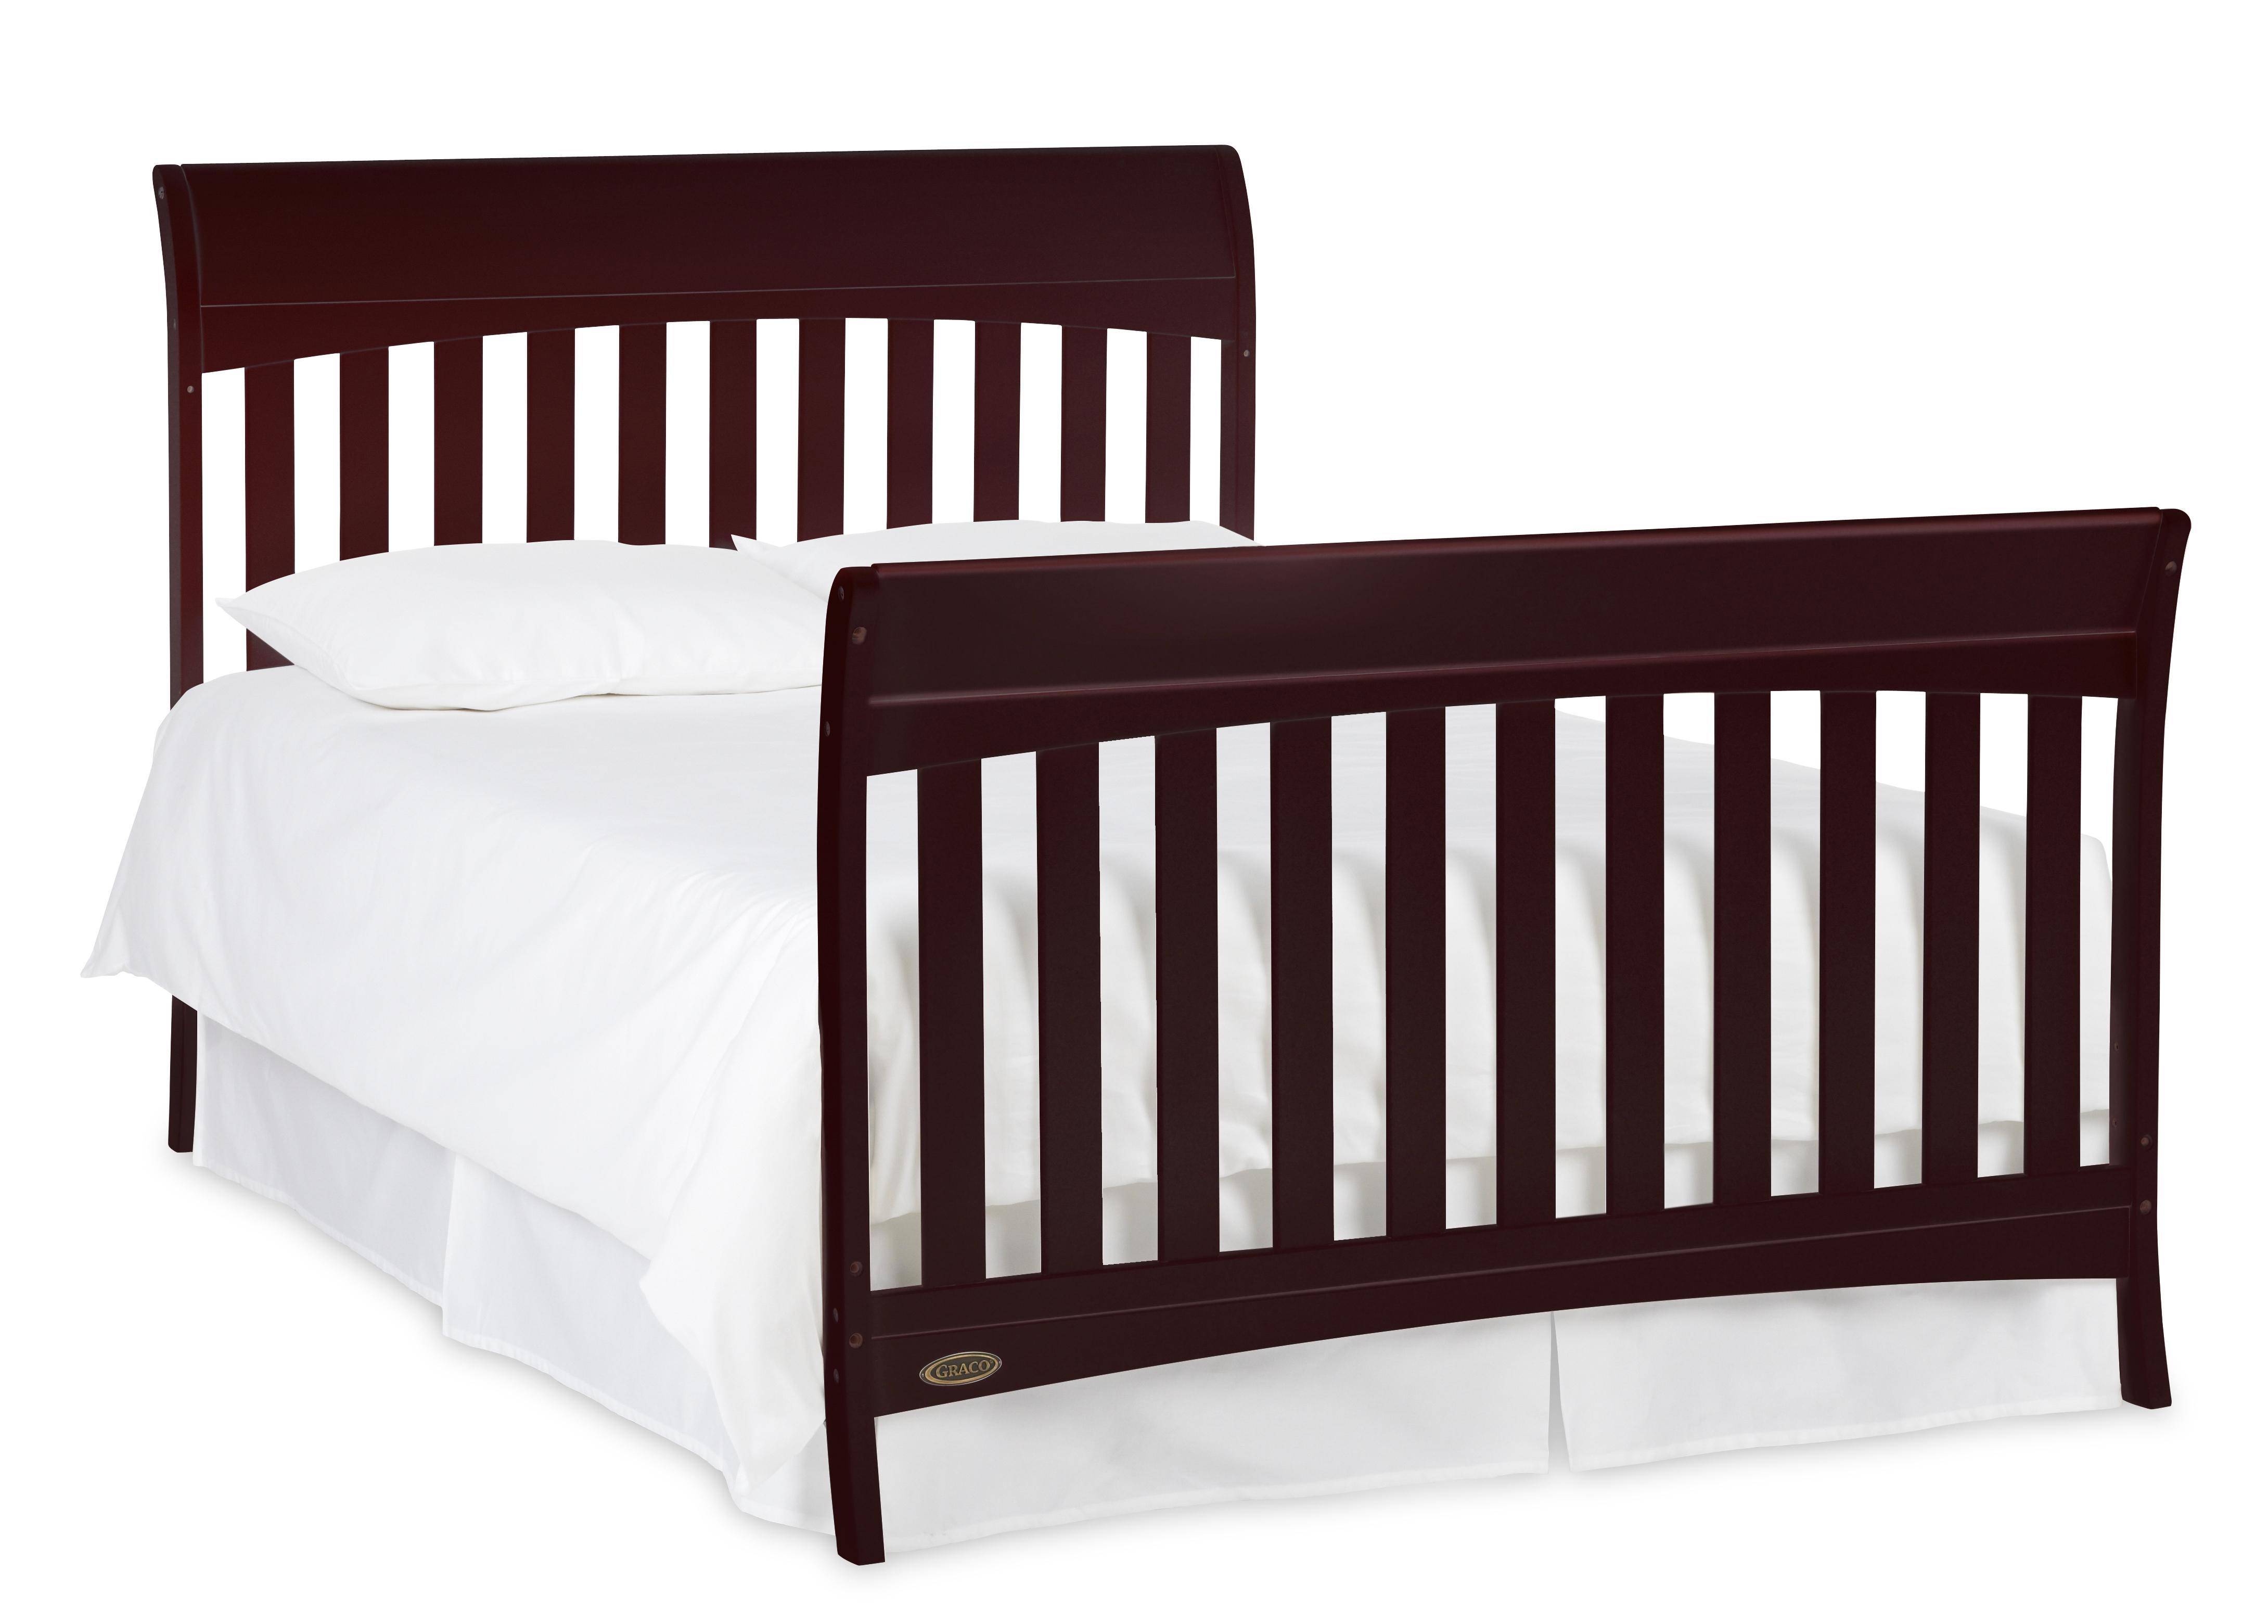 Graco Rory 4-in-1 Convertible Crib, Espresso: Amazon.ca: Baby